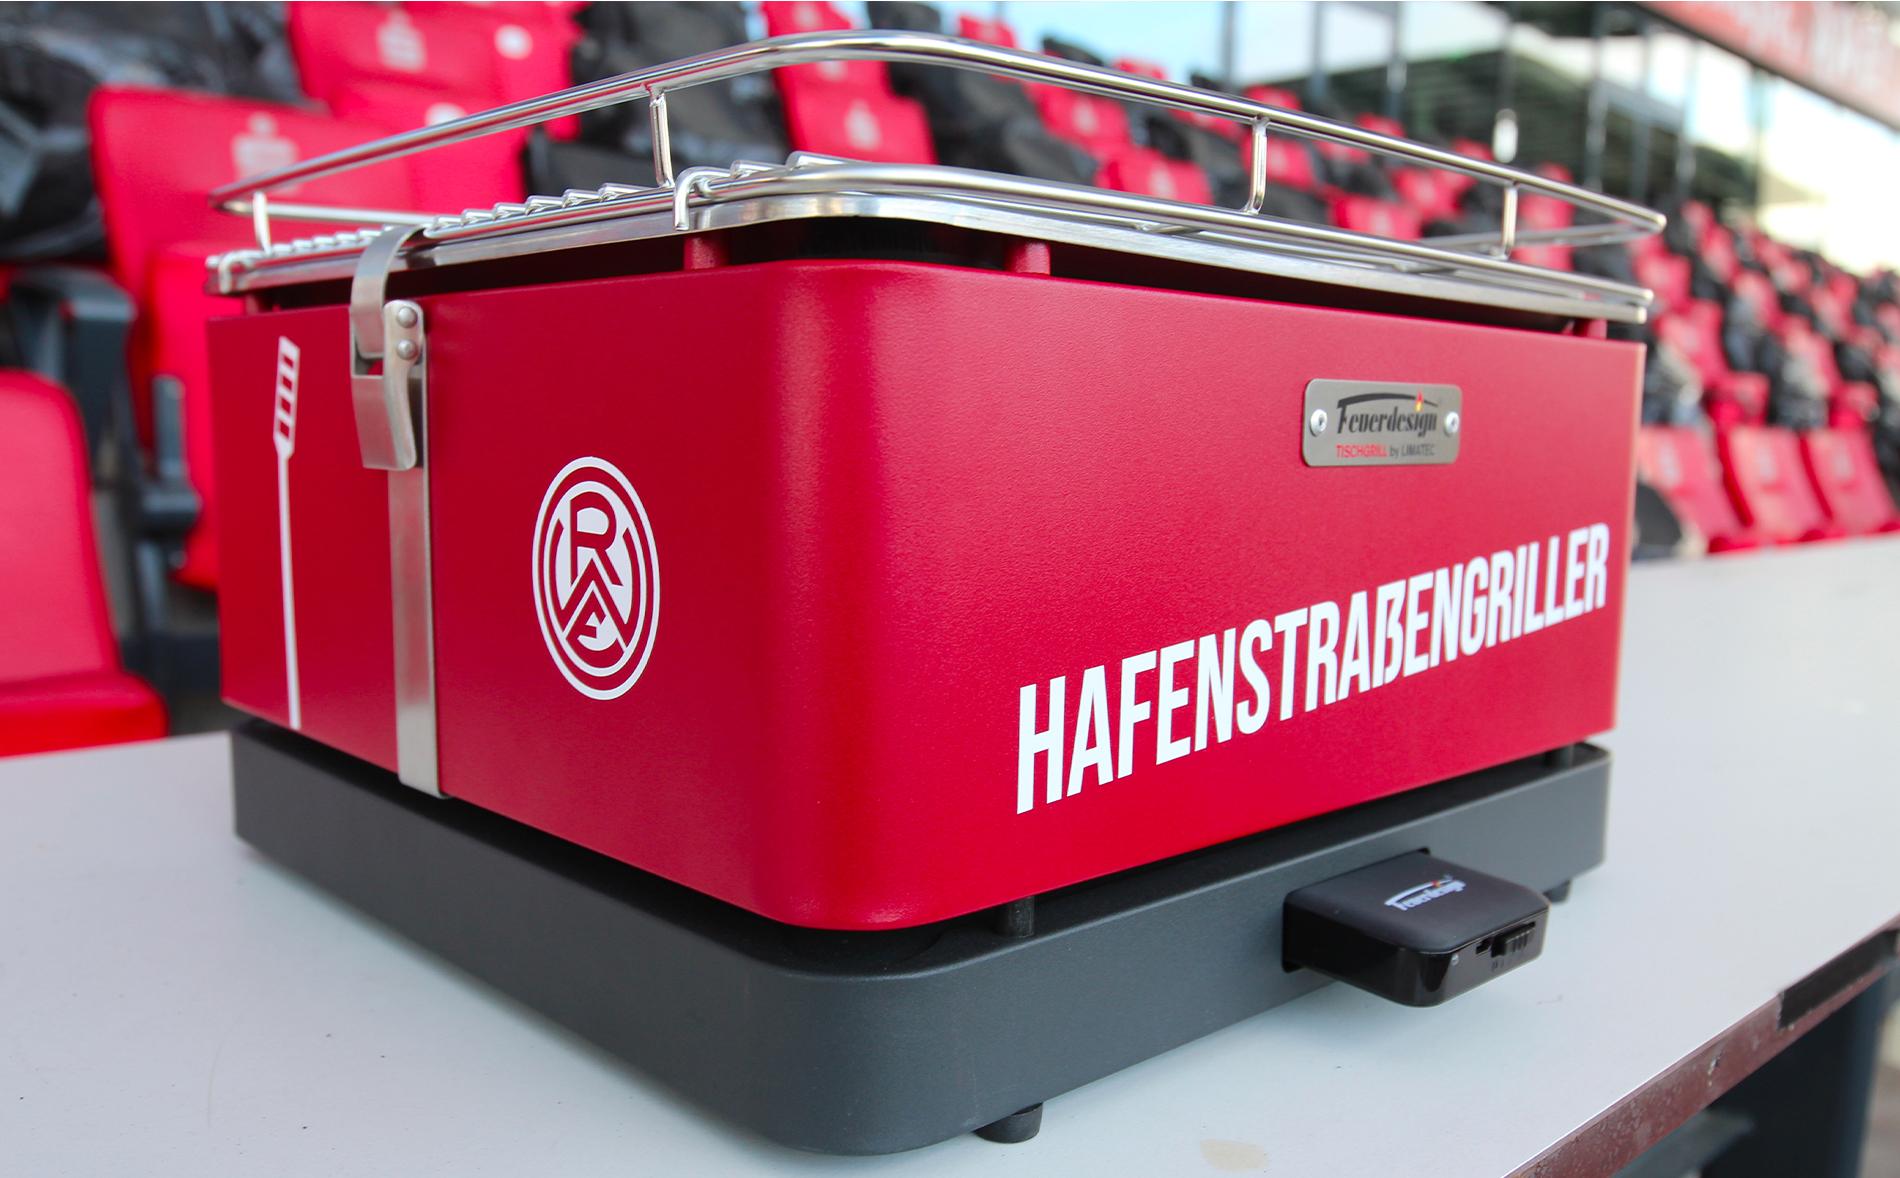 """Der schicke """"Hafenstraßengriller"""" von RWE und FEUERDESIGN ist ab sofort erhältlich."""